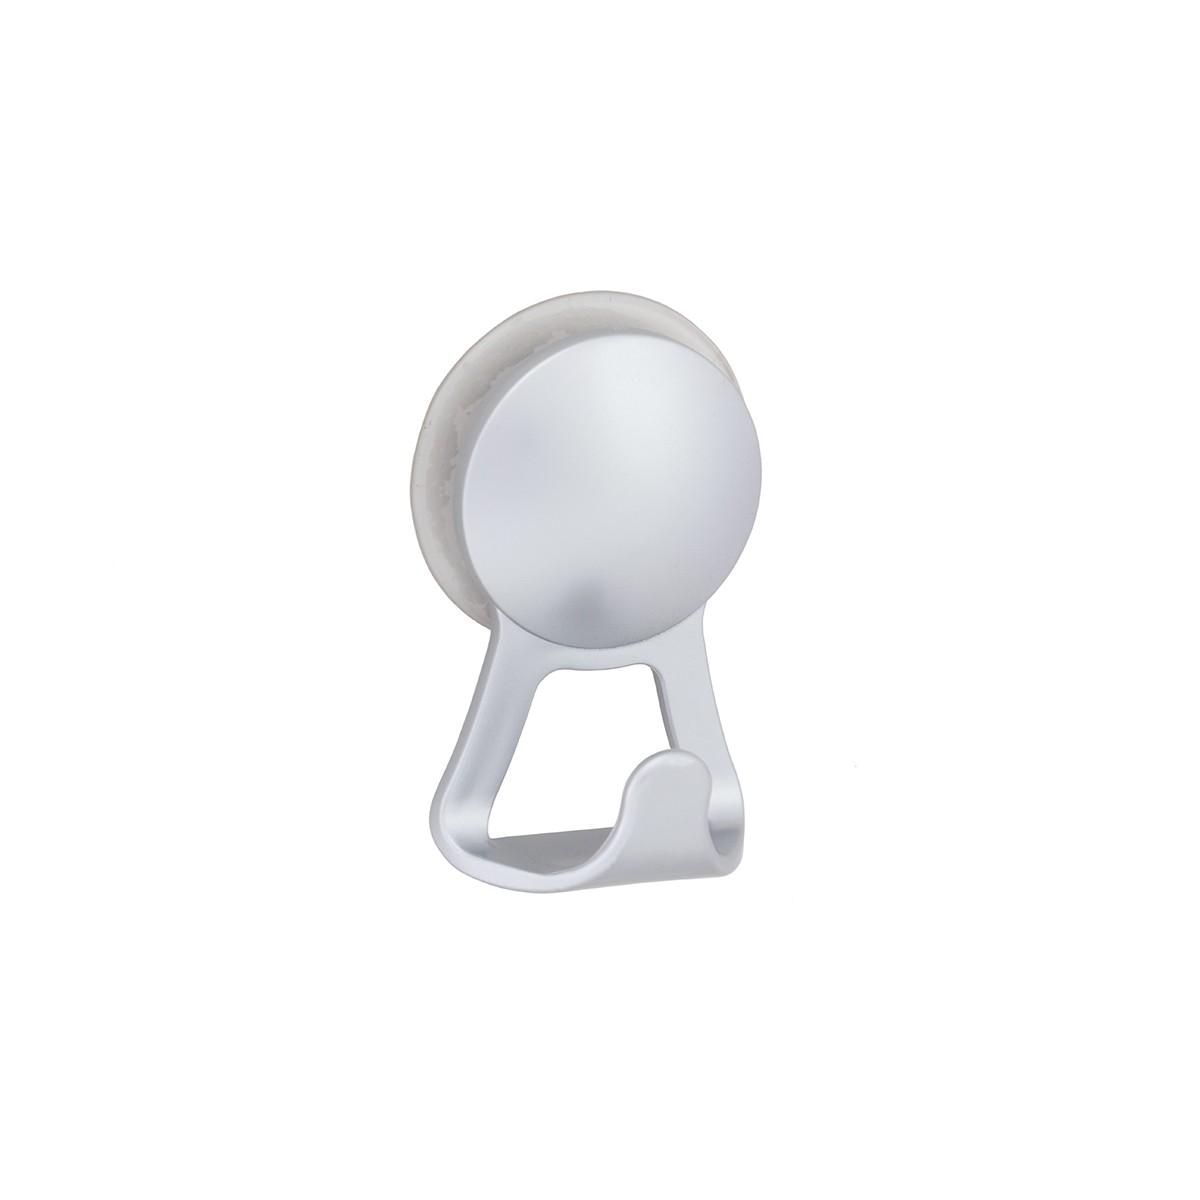 Κρεμαστράκι Spirella Tommy 05262.003 Silver